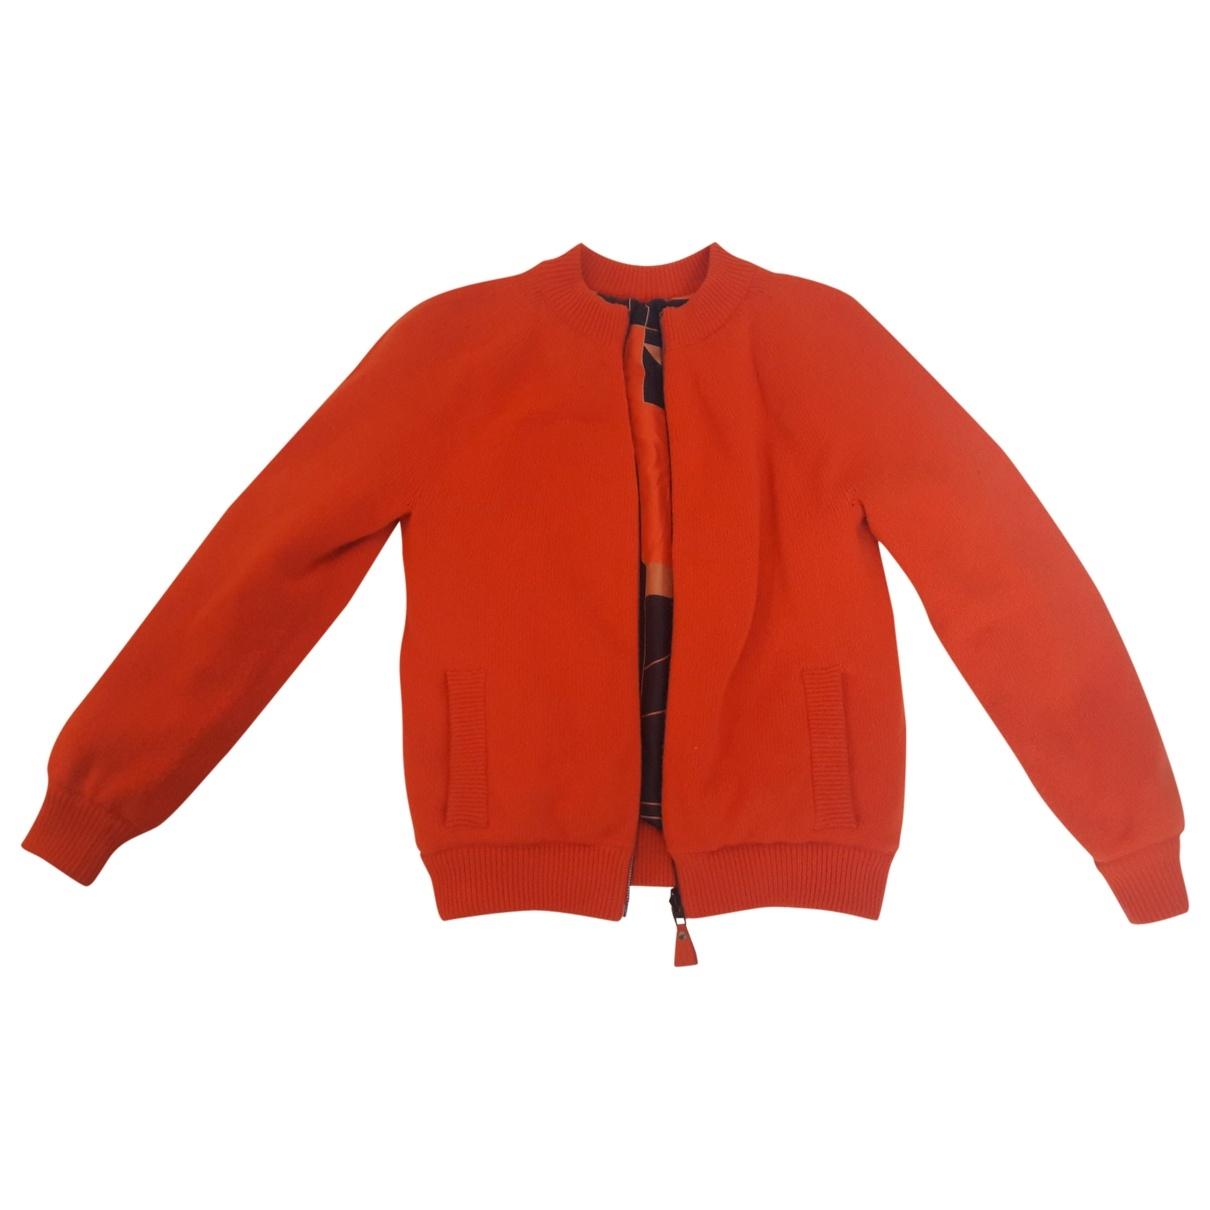 Hermes \N Lederjacke in  Orange Wolle